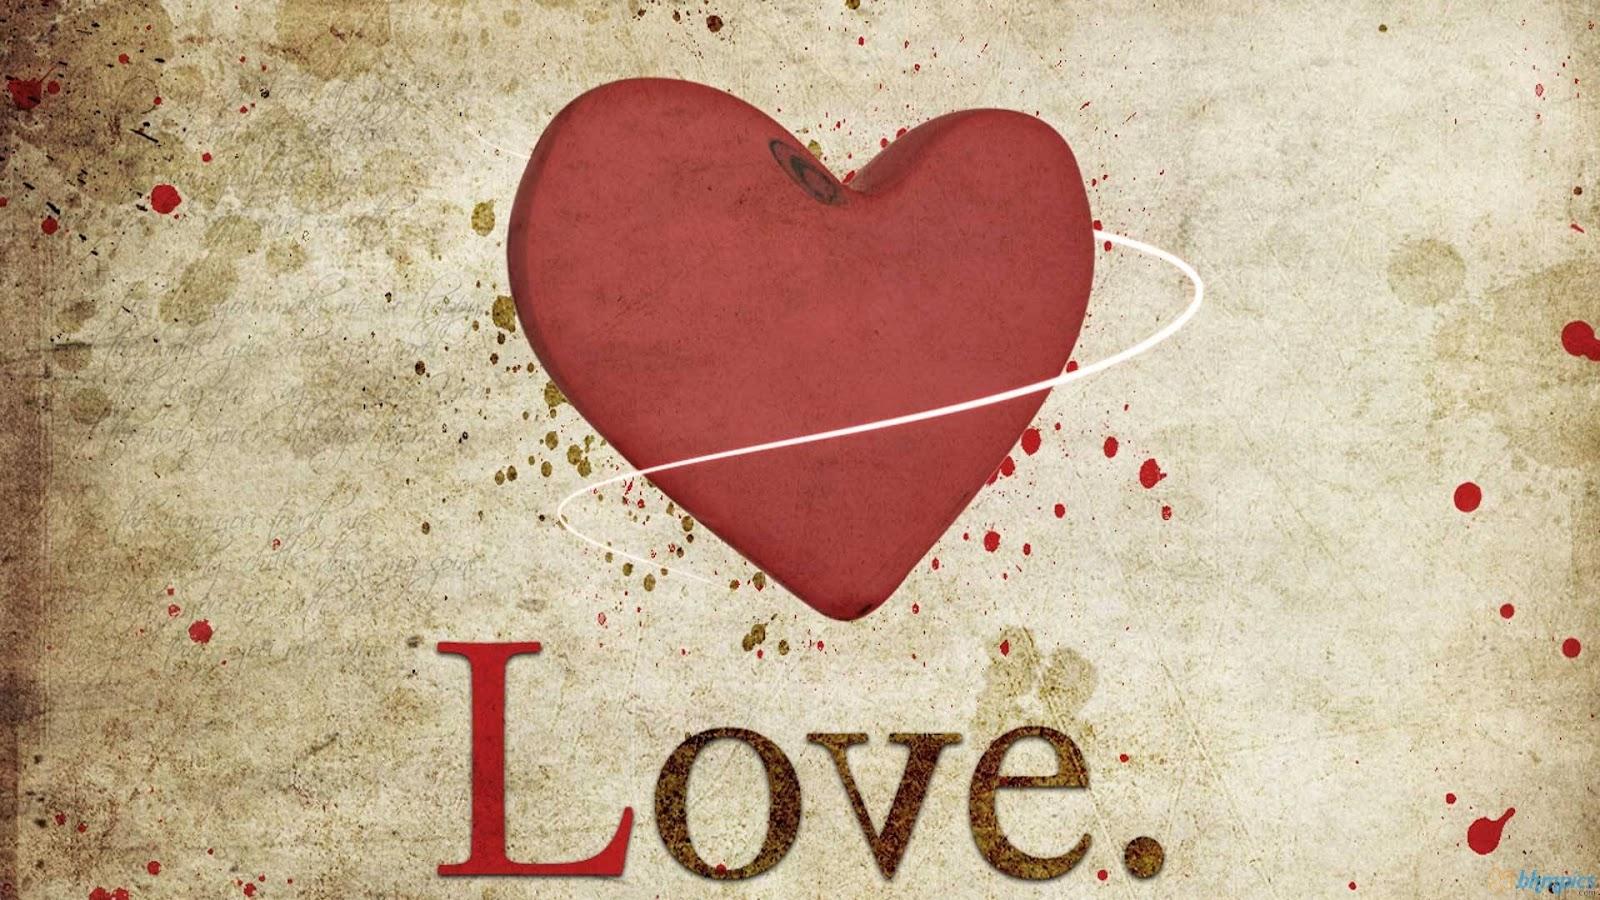 Картинки о любви с надписями Стихи о любви - скачать картинки про любовь с надписью